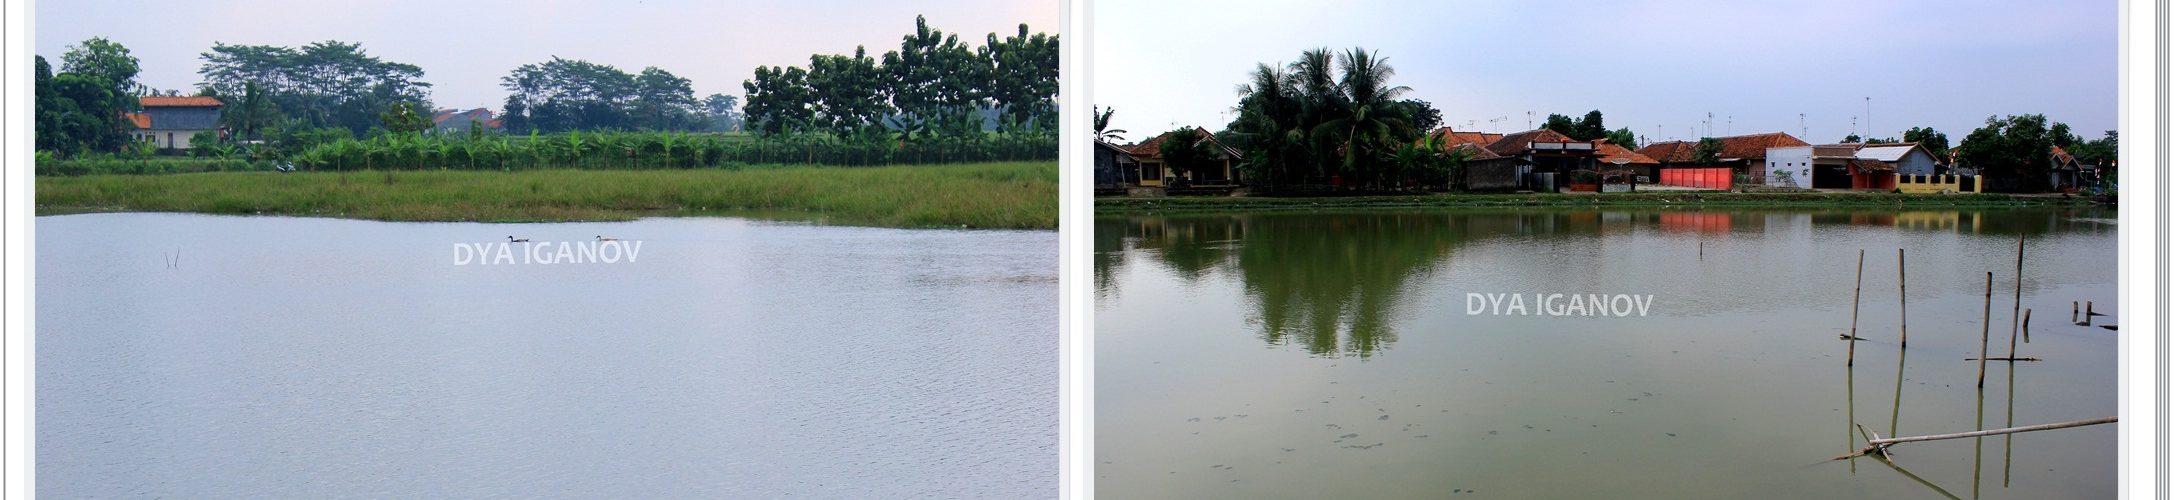 Desa Cinangsi, Kecamatan Cibogo, Kabupaten Subang, Jawa Barat